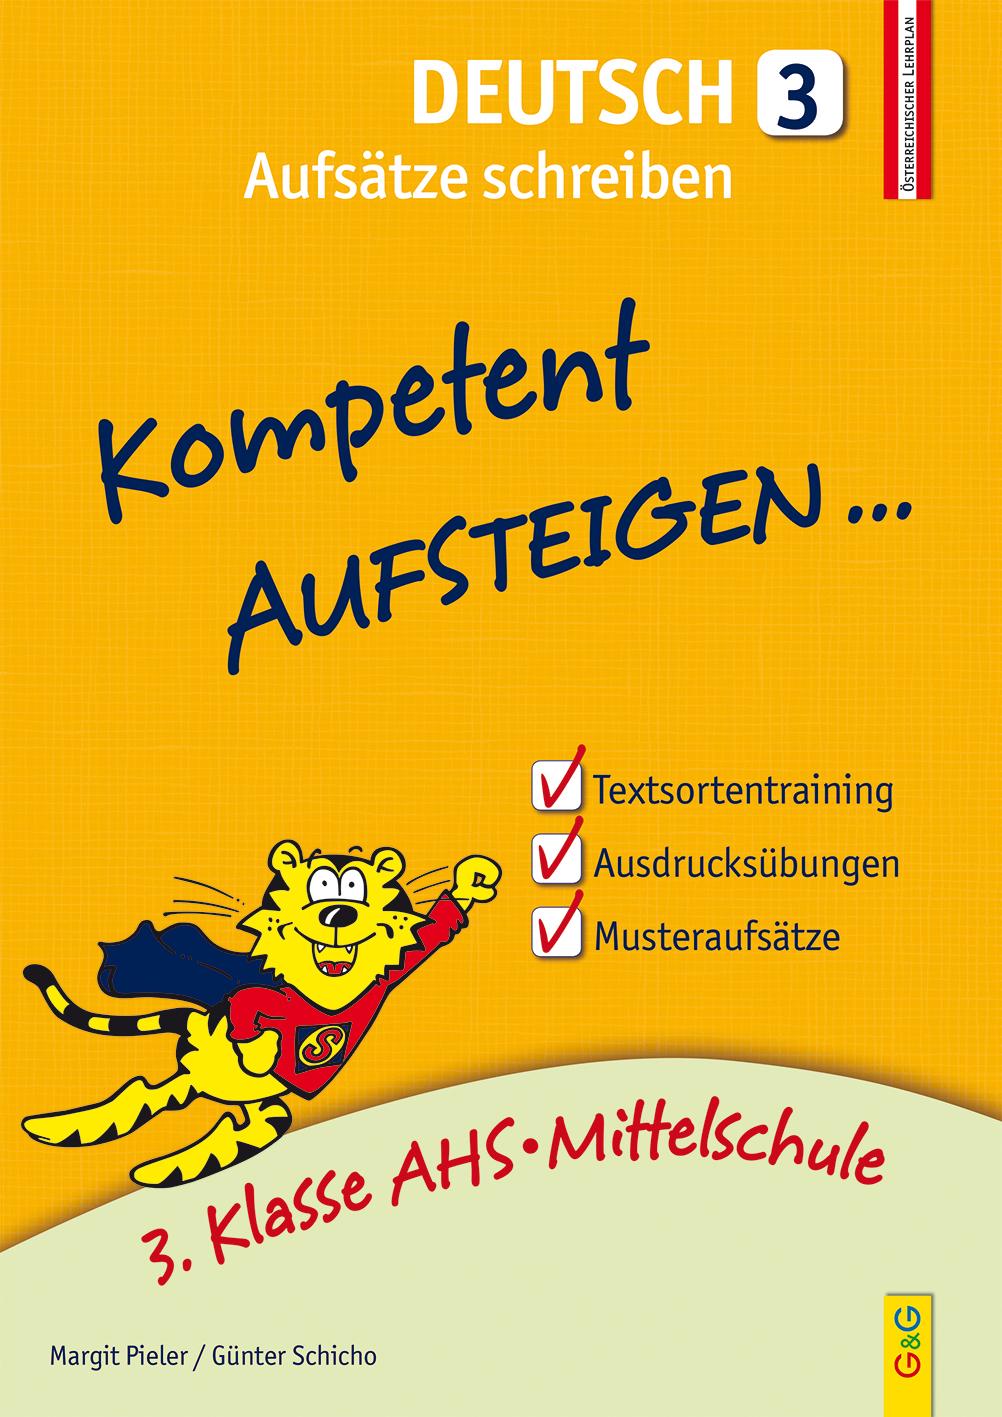 Kompetent Aufsteigen Deutsch 3 – Aufsätze schreiben | G&G ...